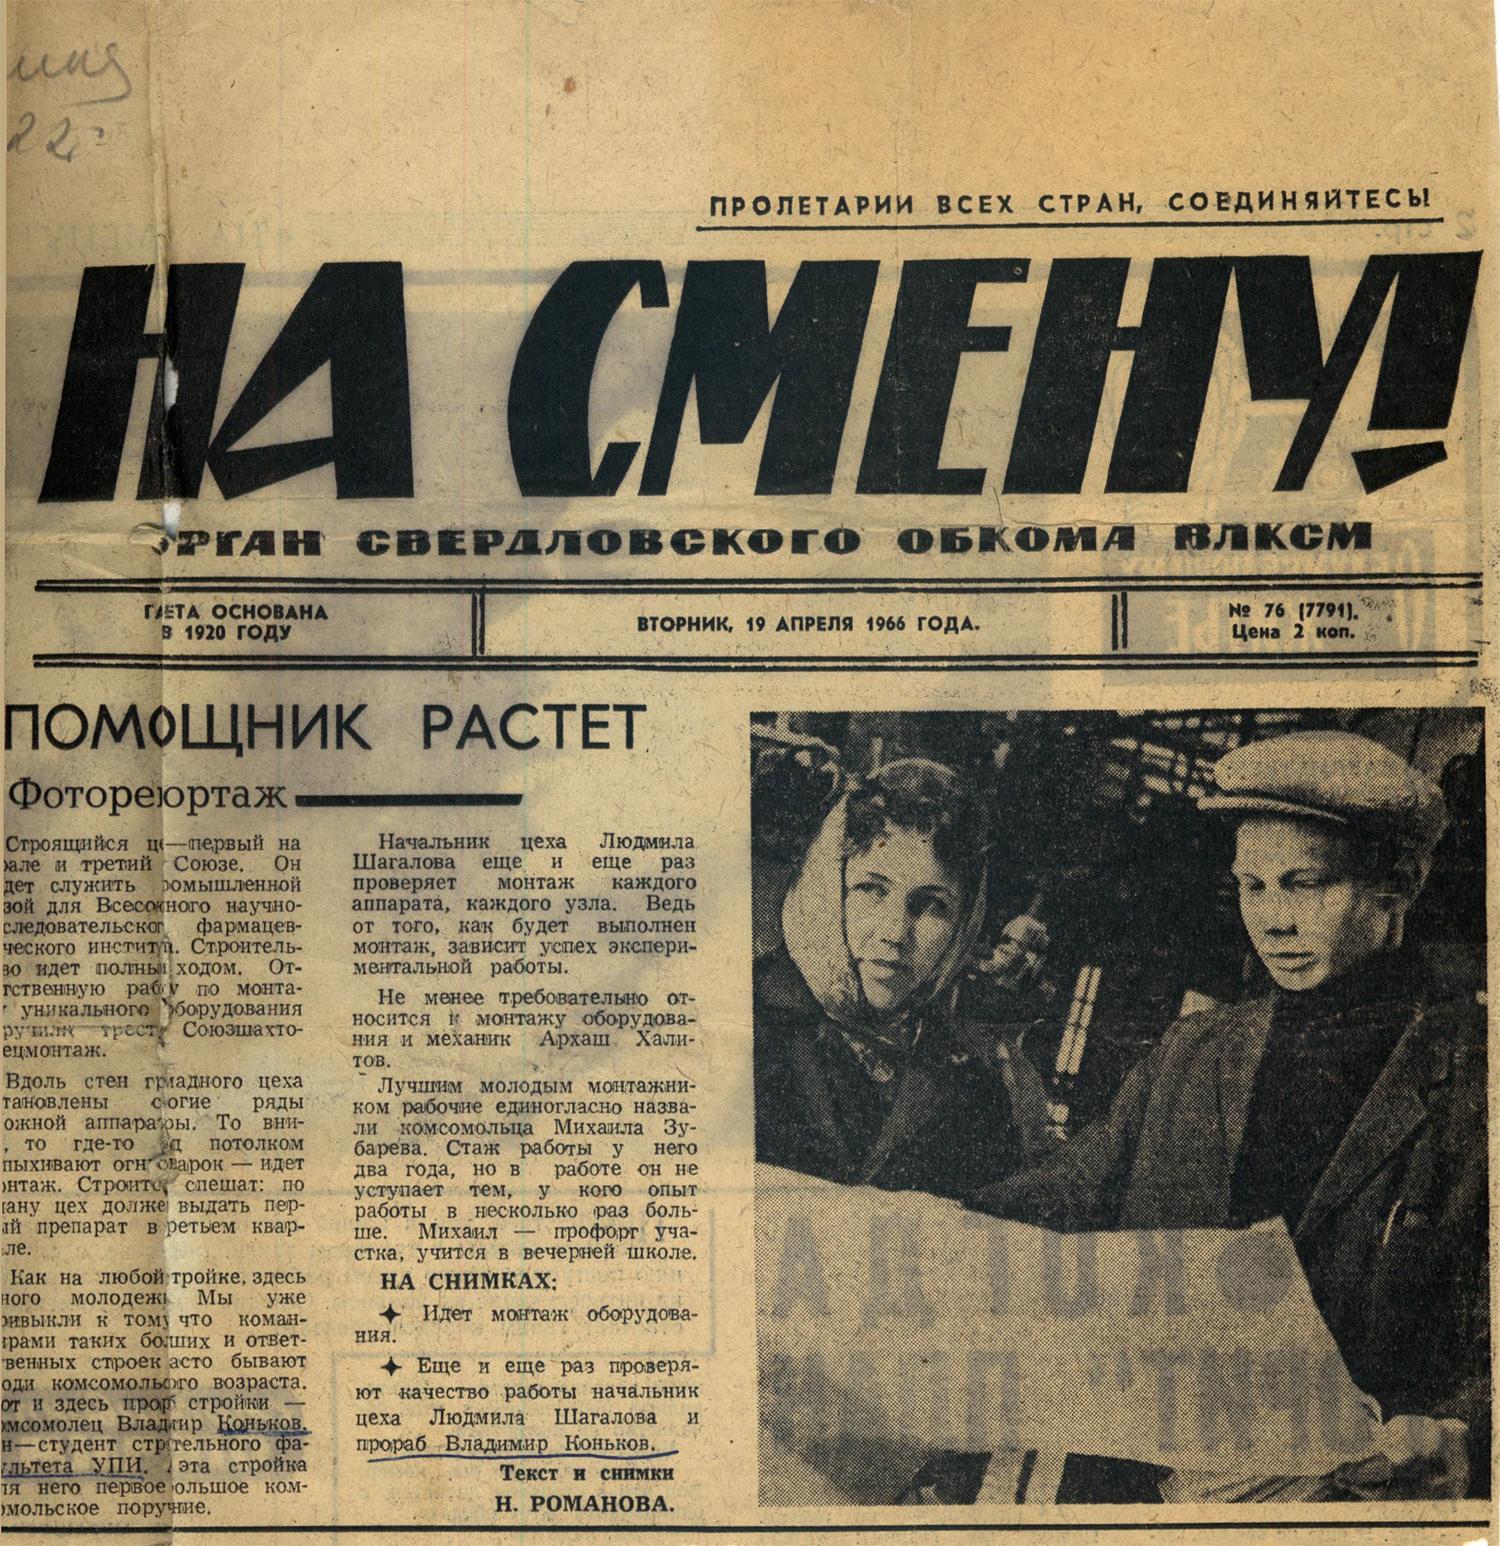 Газета На смену. Статья про будущего основателя корпорации Маяк Владимира Конькова